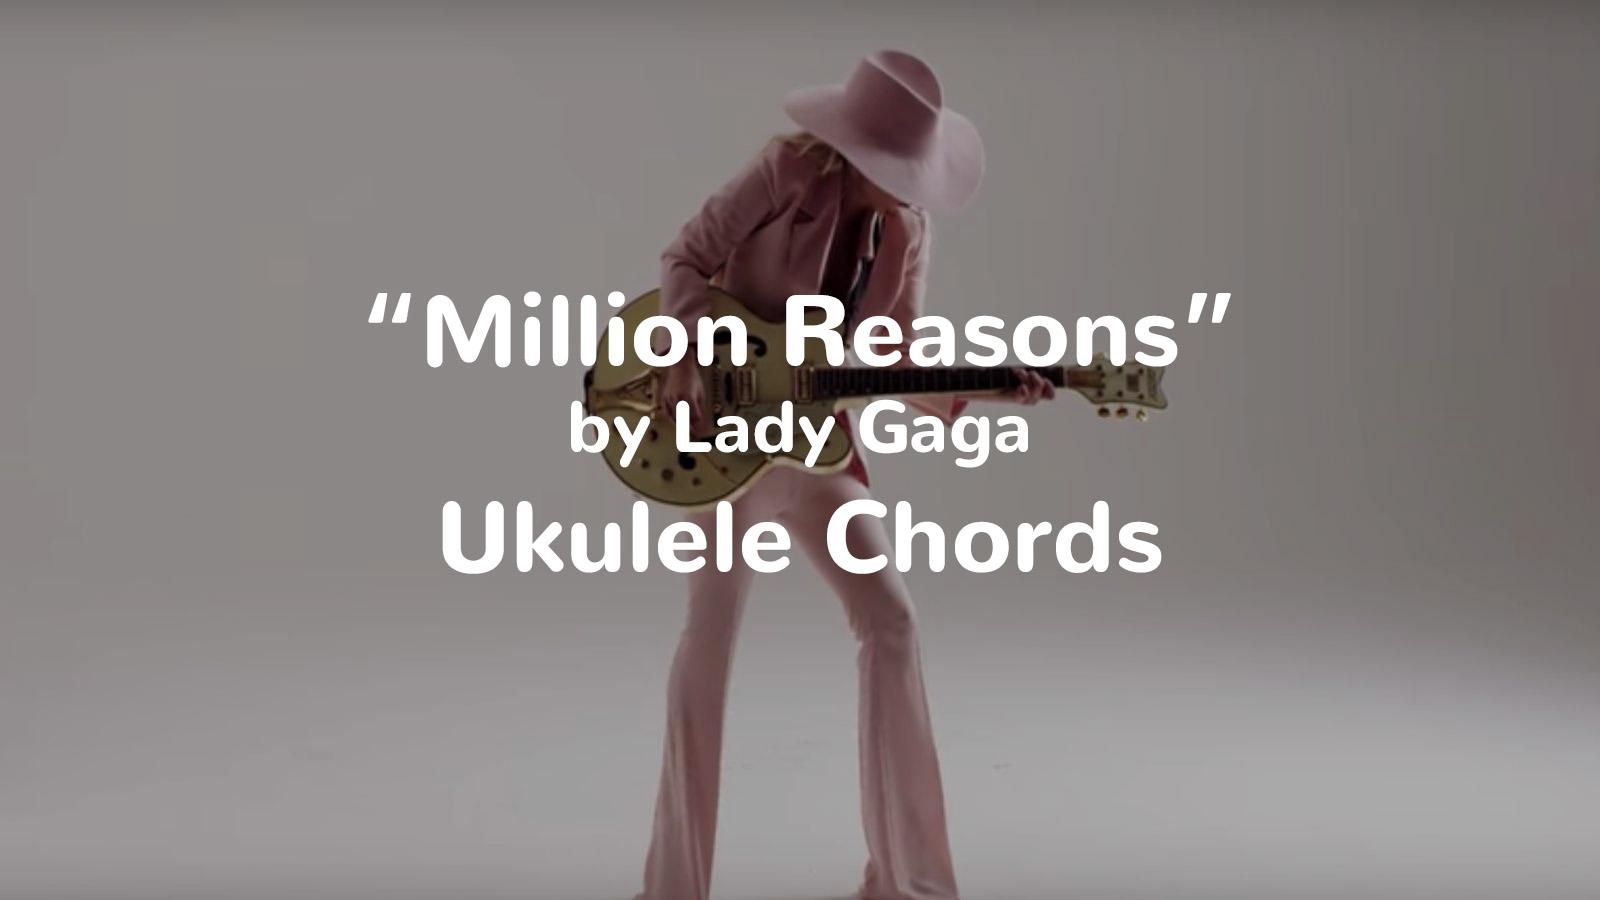 Million Reasons by Lady Gaga Ukulele Chords